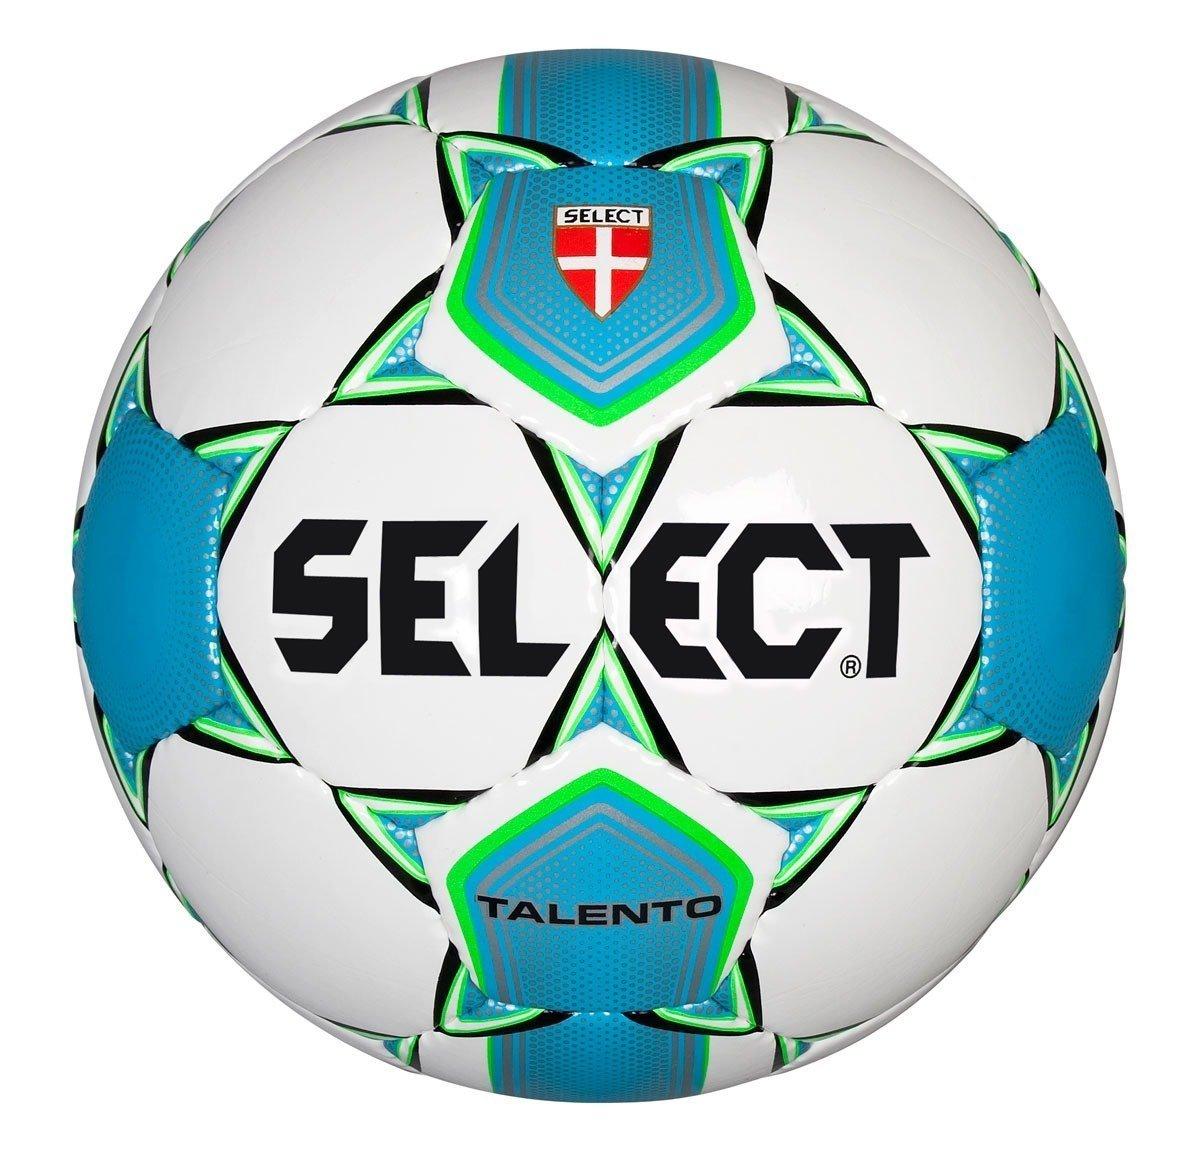 Billede af Select Talento Fodbold - Str. 3